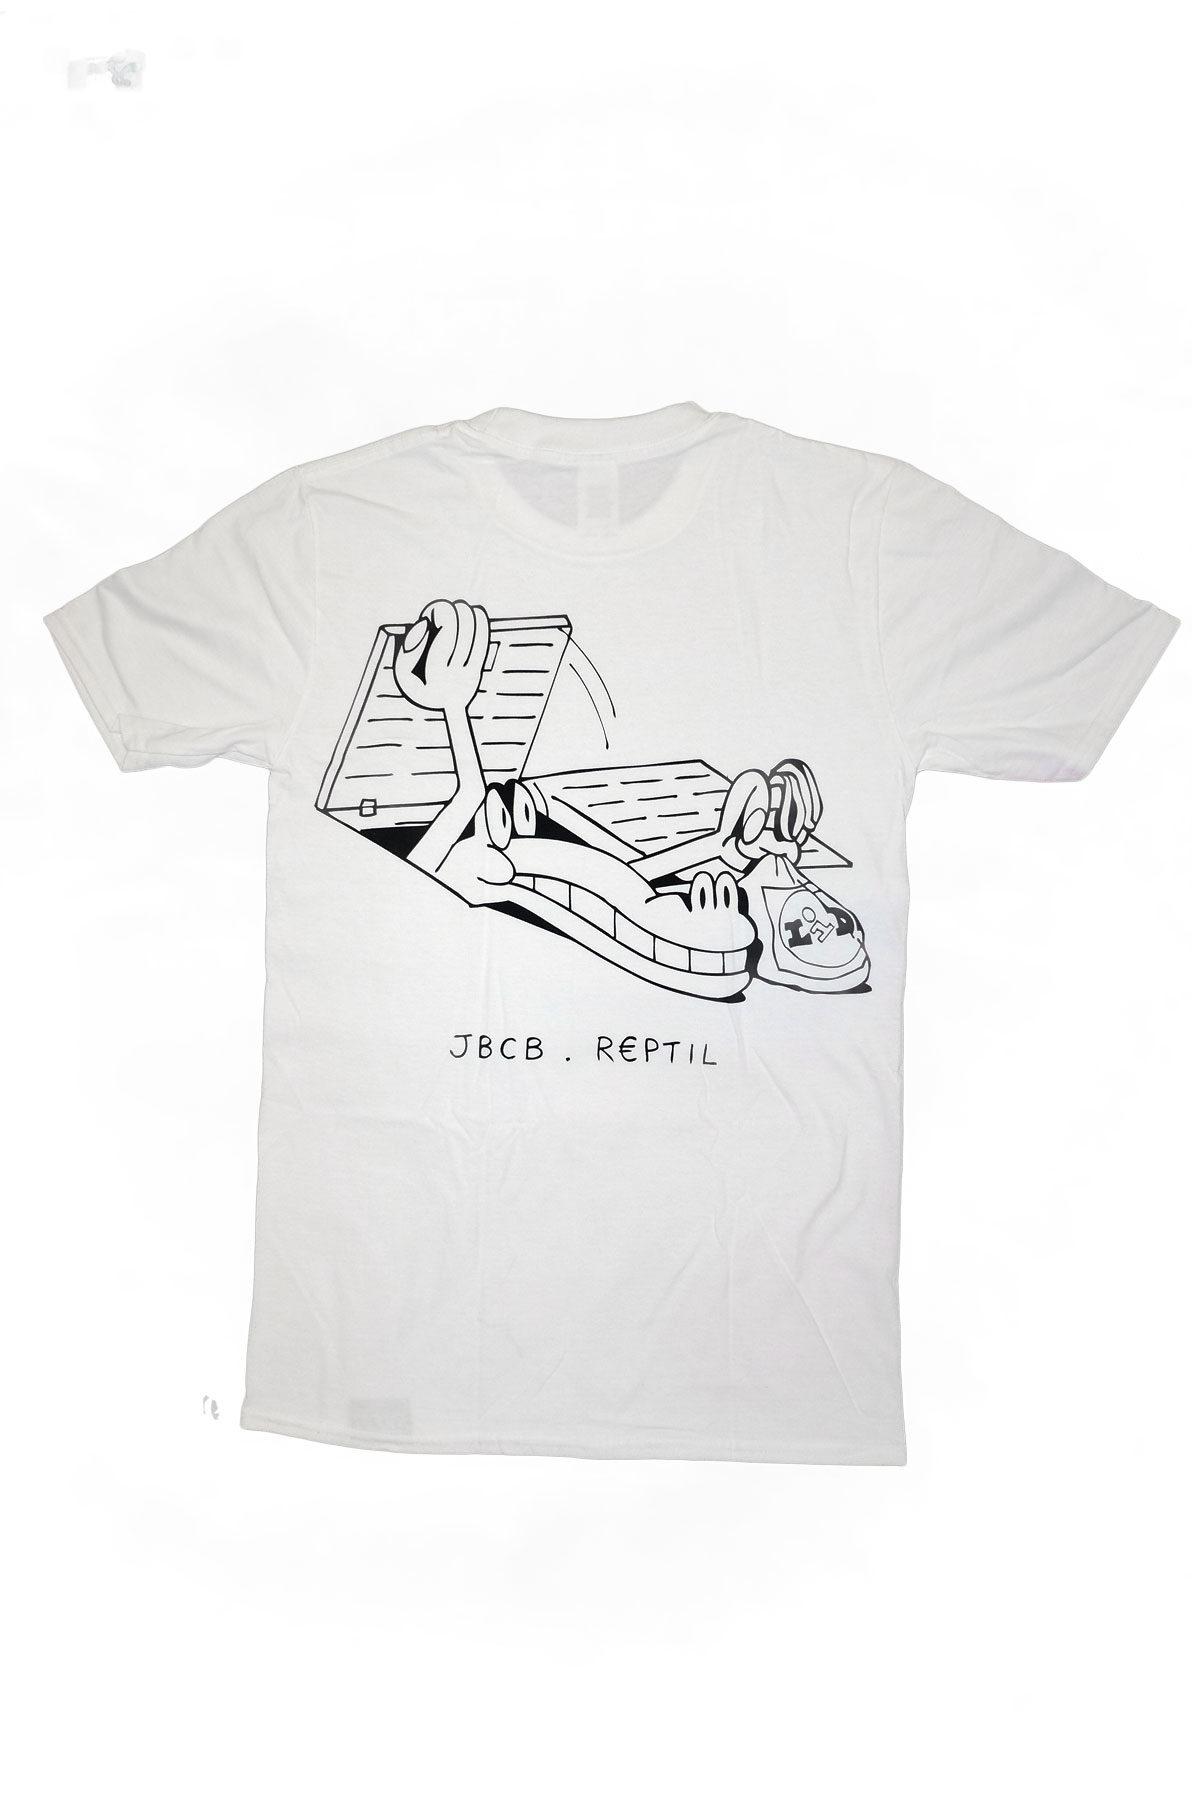 Reptil JBCB T-Shirt